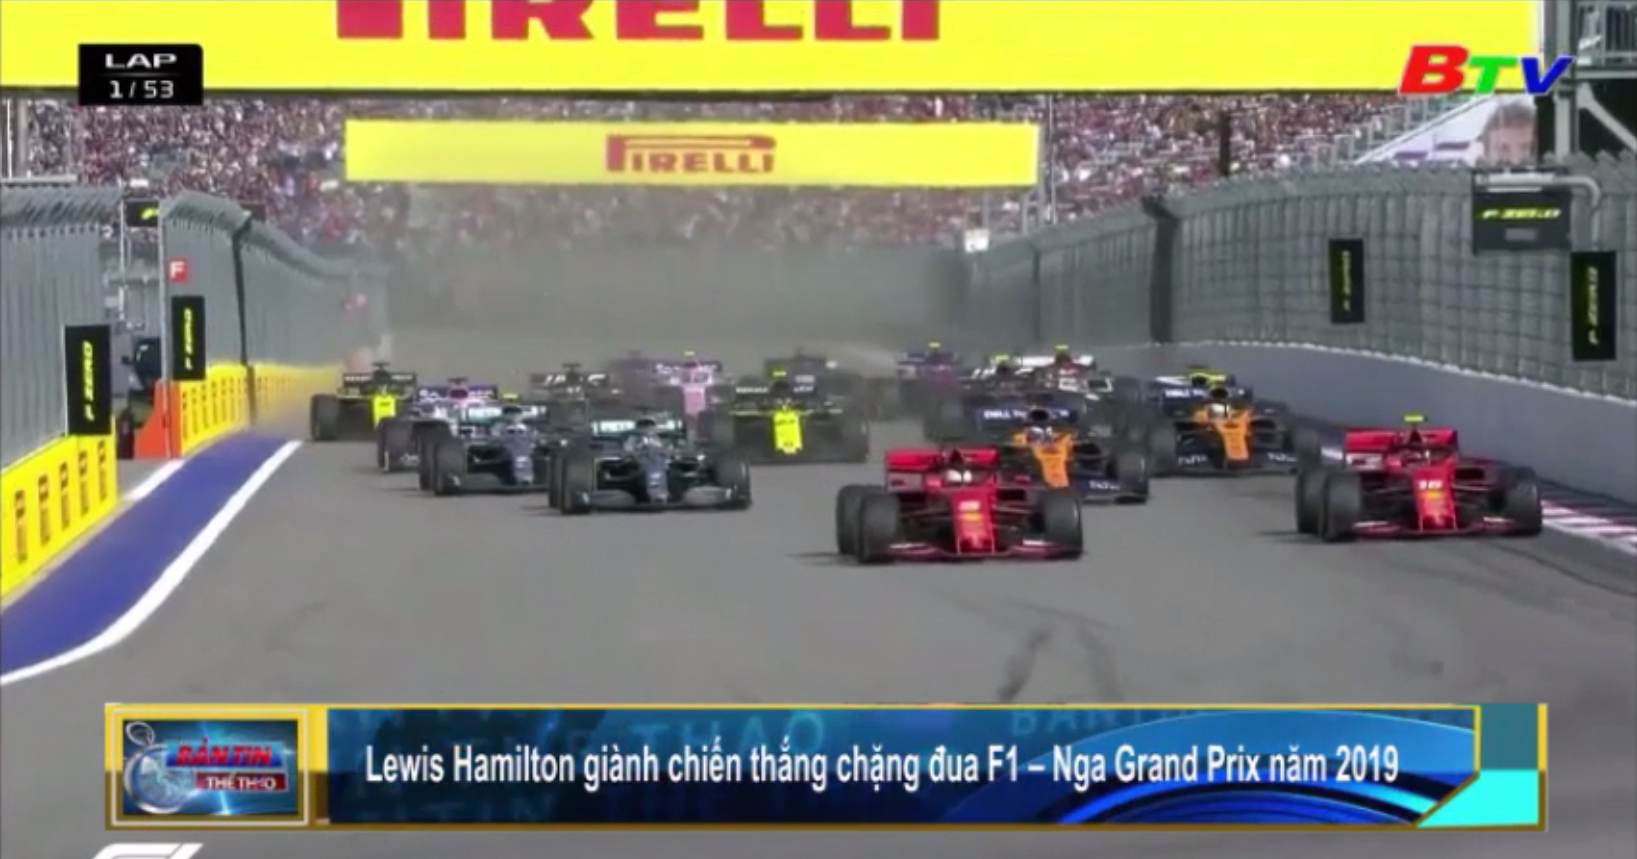 Lewis Hamilton giành chiến thắng tại Grand Prix Nga năm 2019